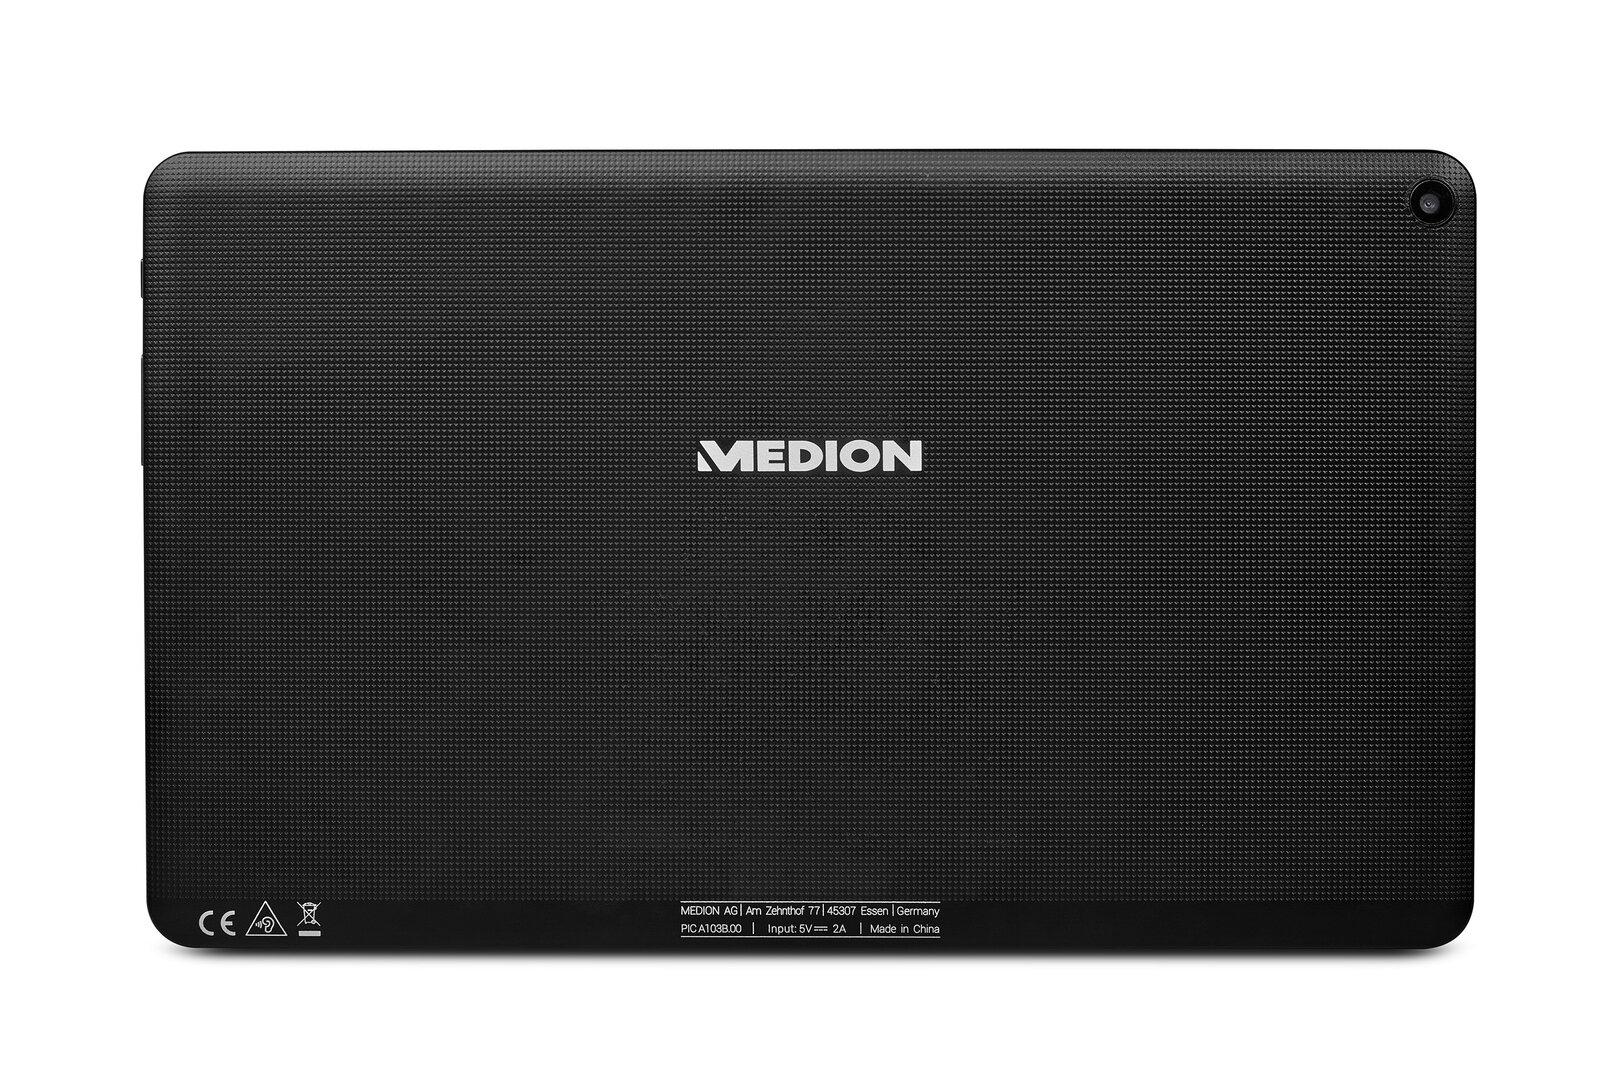 Medion Lifetab E10530